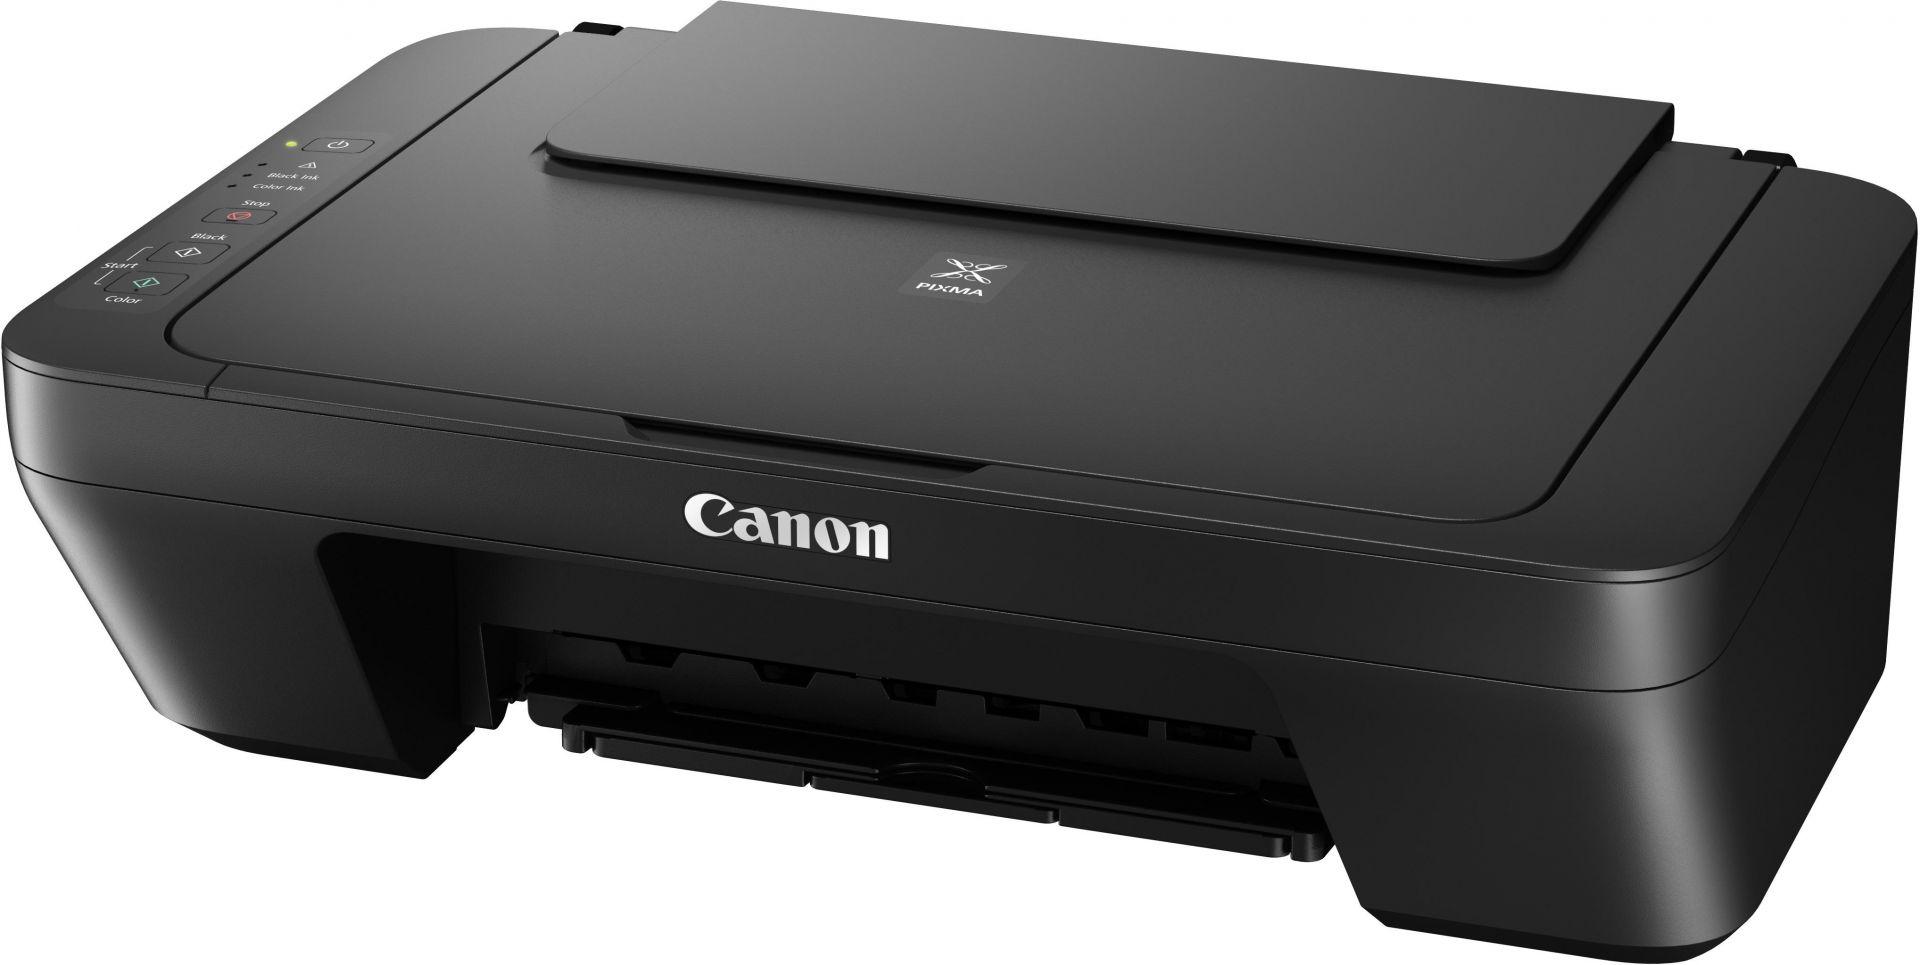 Canon MG2550S PIXMA tintasugaras nyomtató/másoló/síkágyas scanner (MG2450 kiváltó) 0727C006